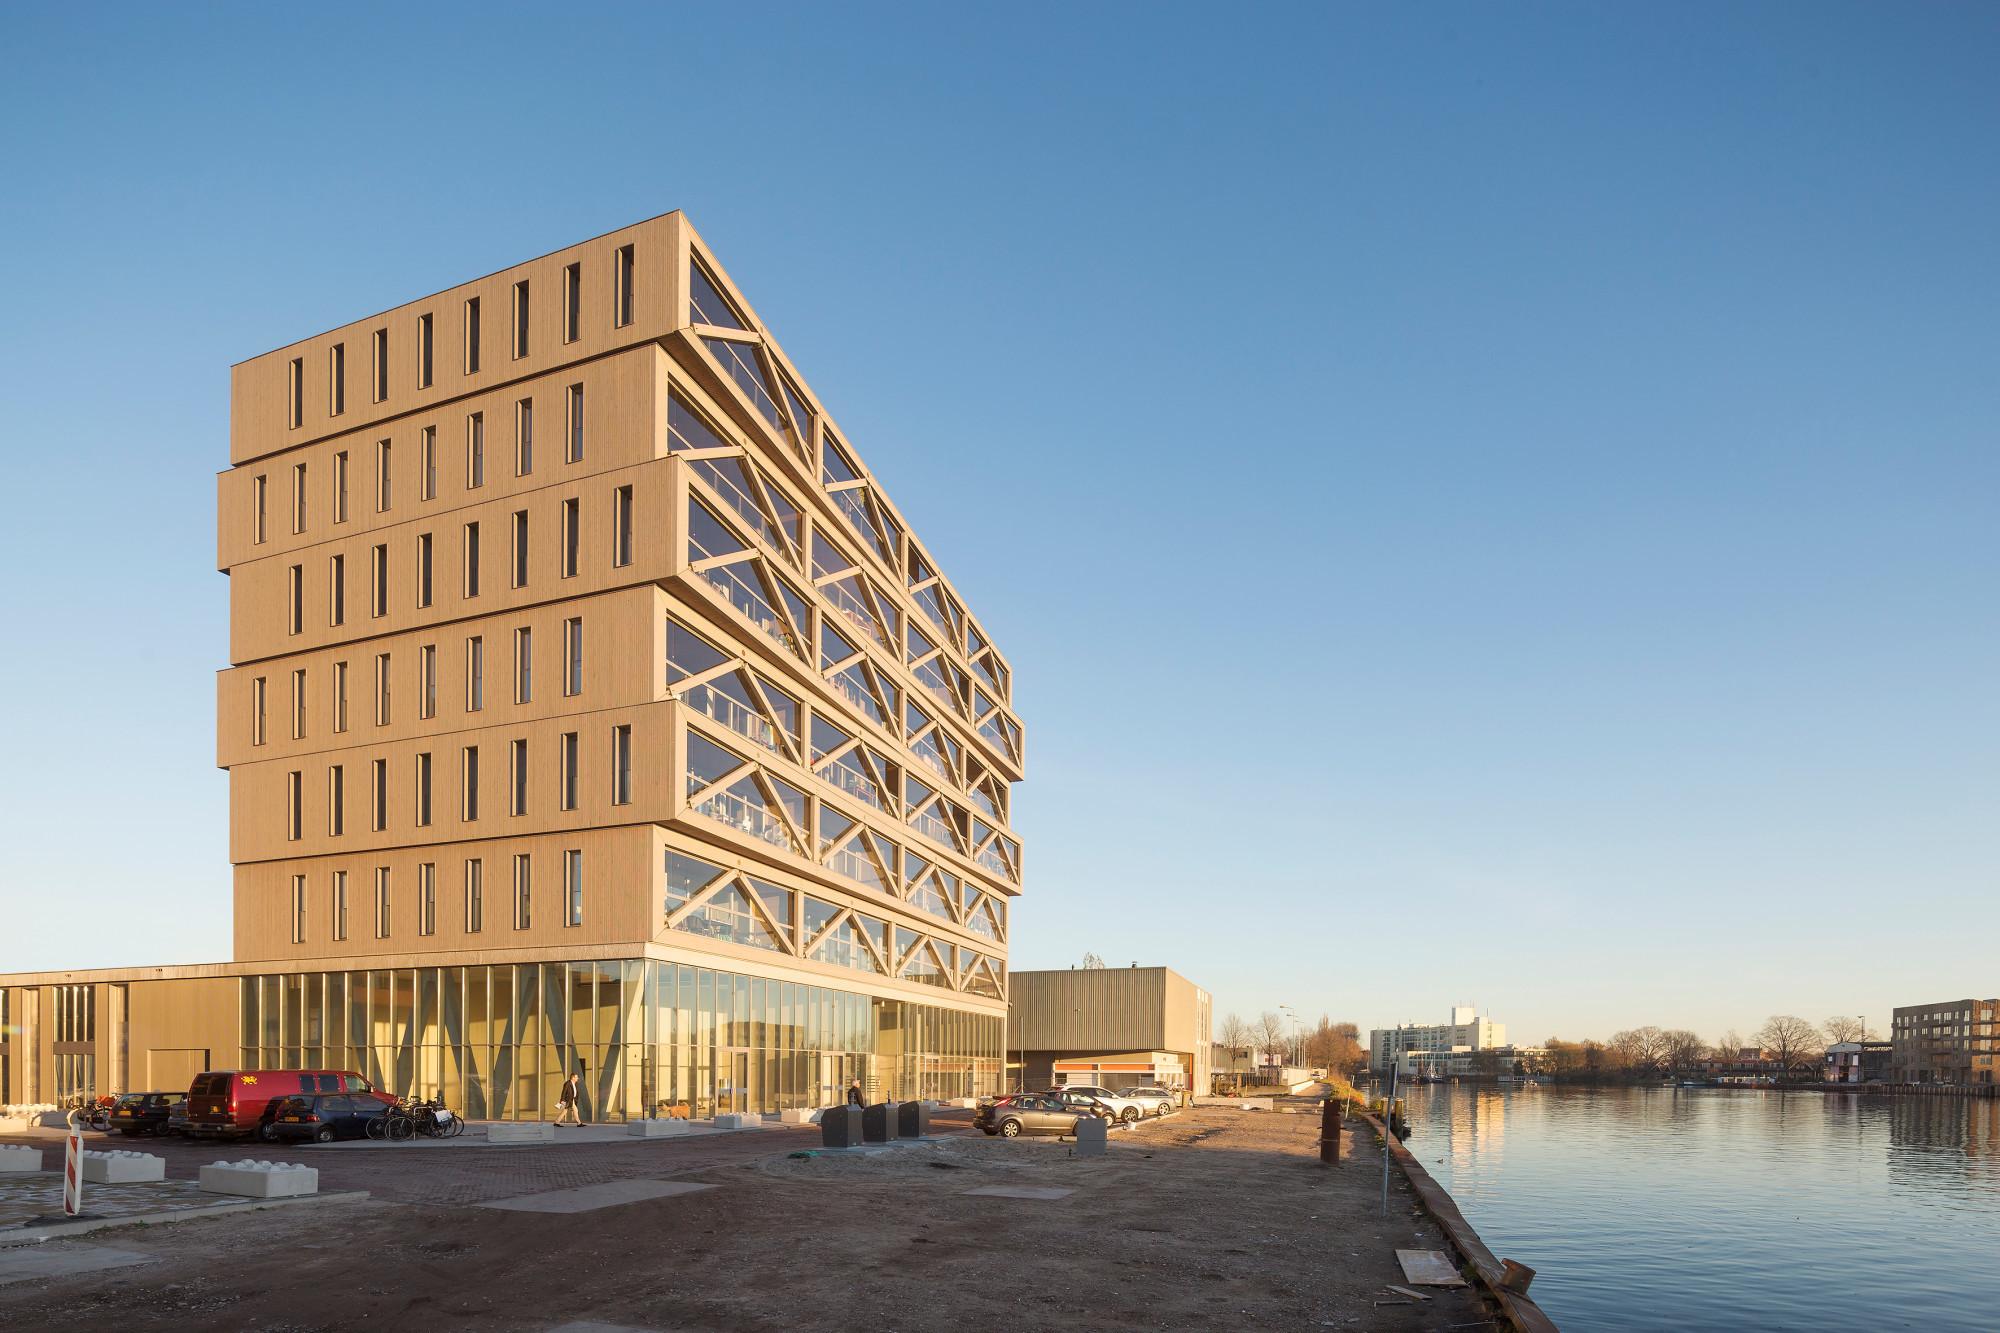 Architektur Amsterdam wohnhochhaus patch 22 in amsterdam heizung wohnen baunetz wissen